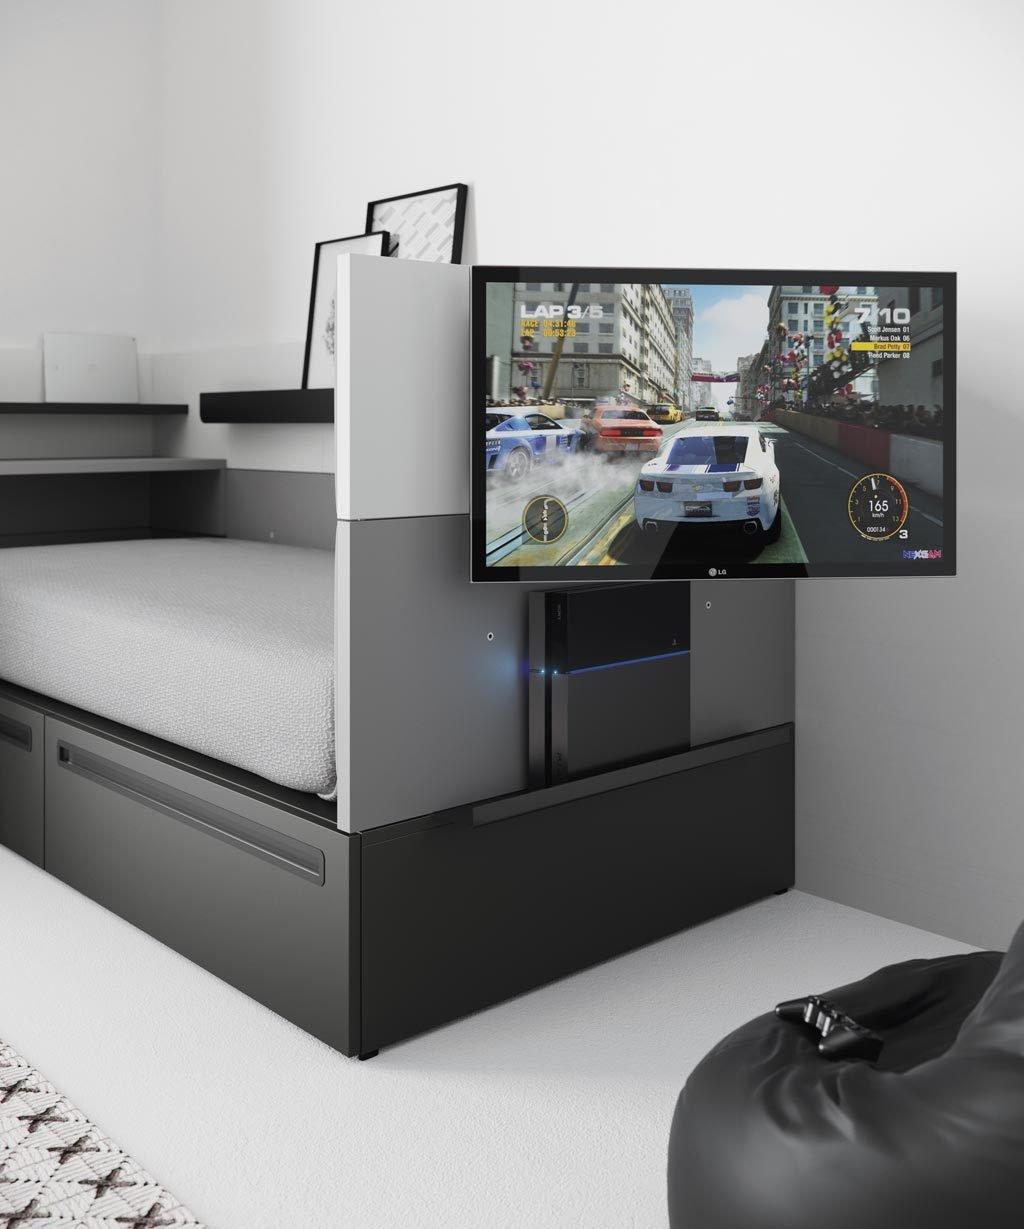 Detalle de la televisión colocada en el lateral de la cama NEST con estante para la vídeo consola